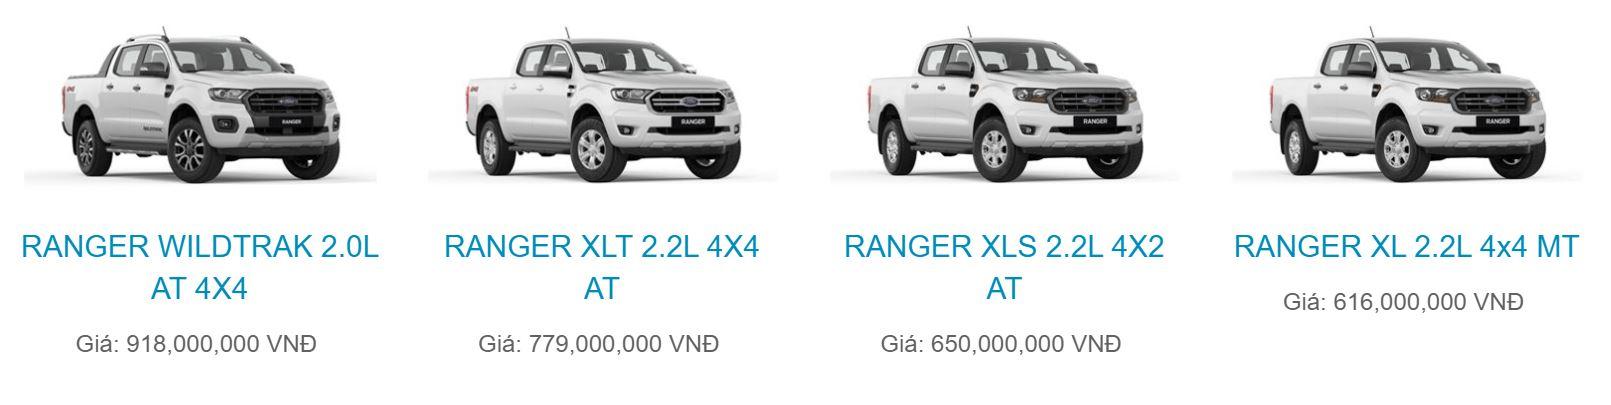 Các dòng xe Ford Ranger 2019